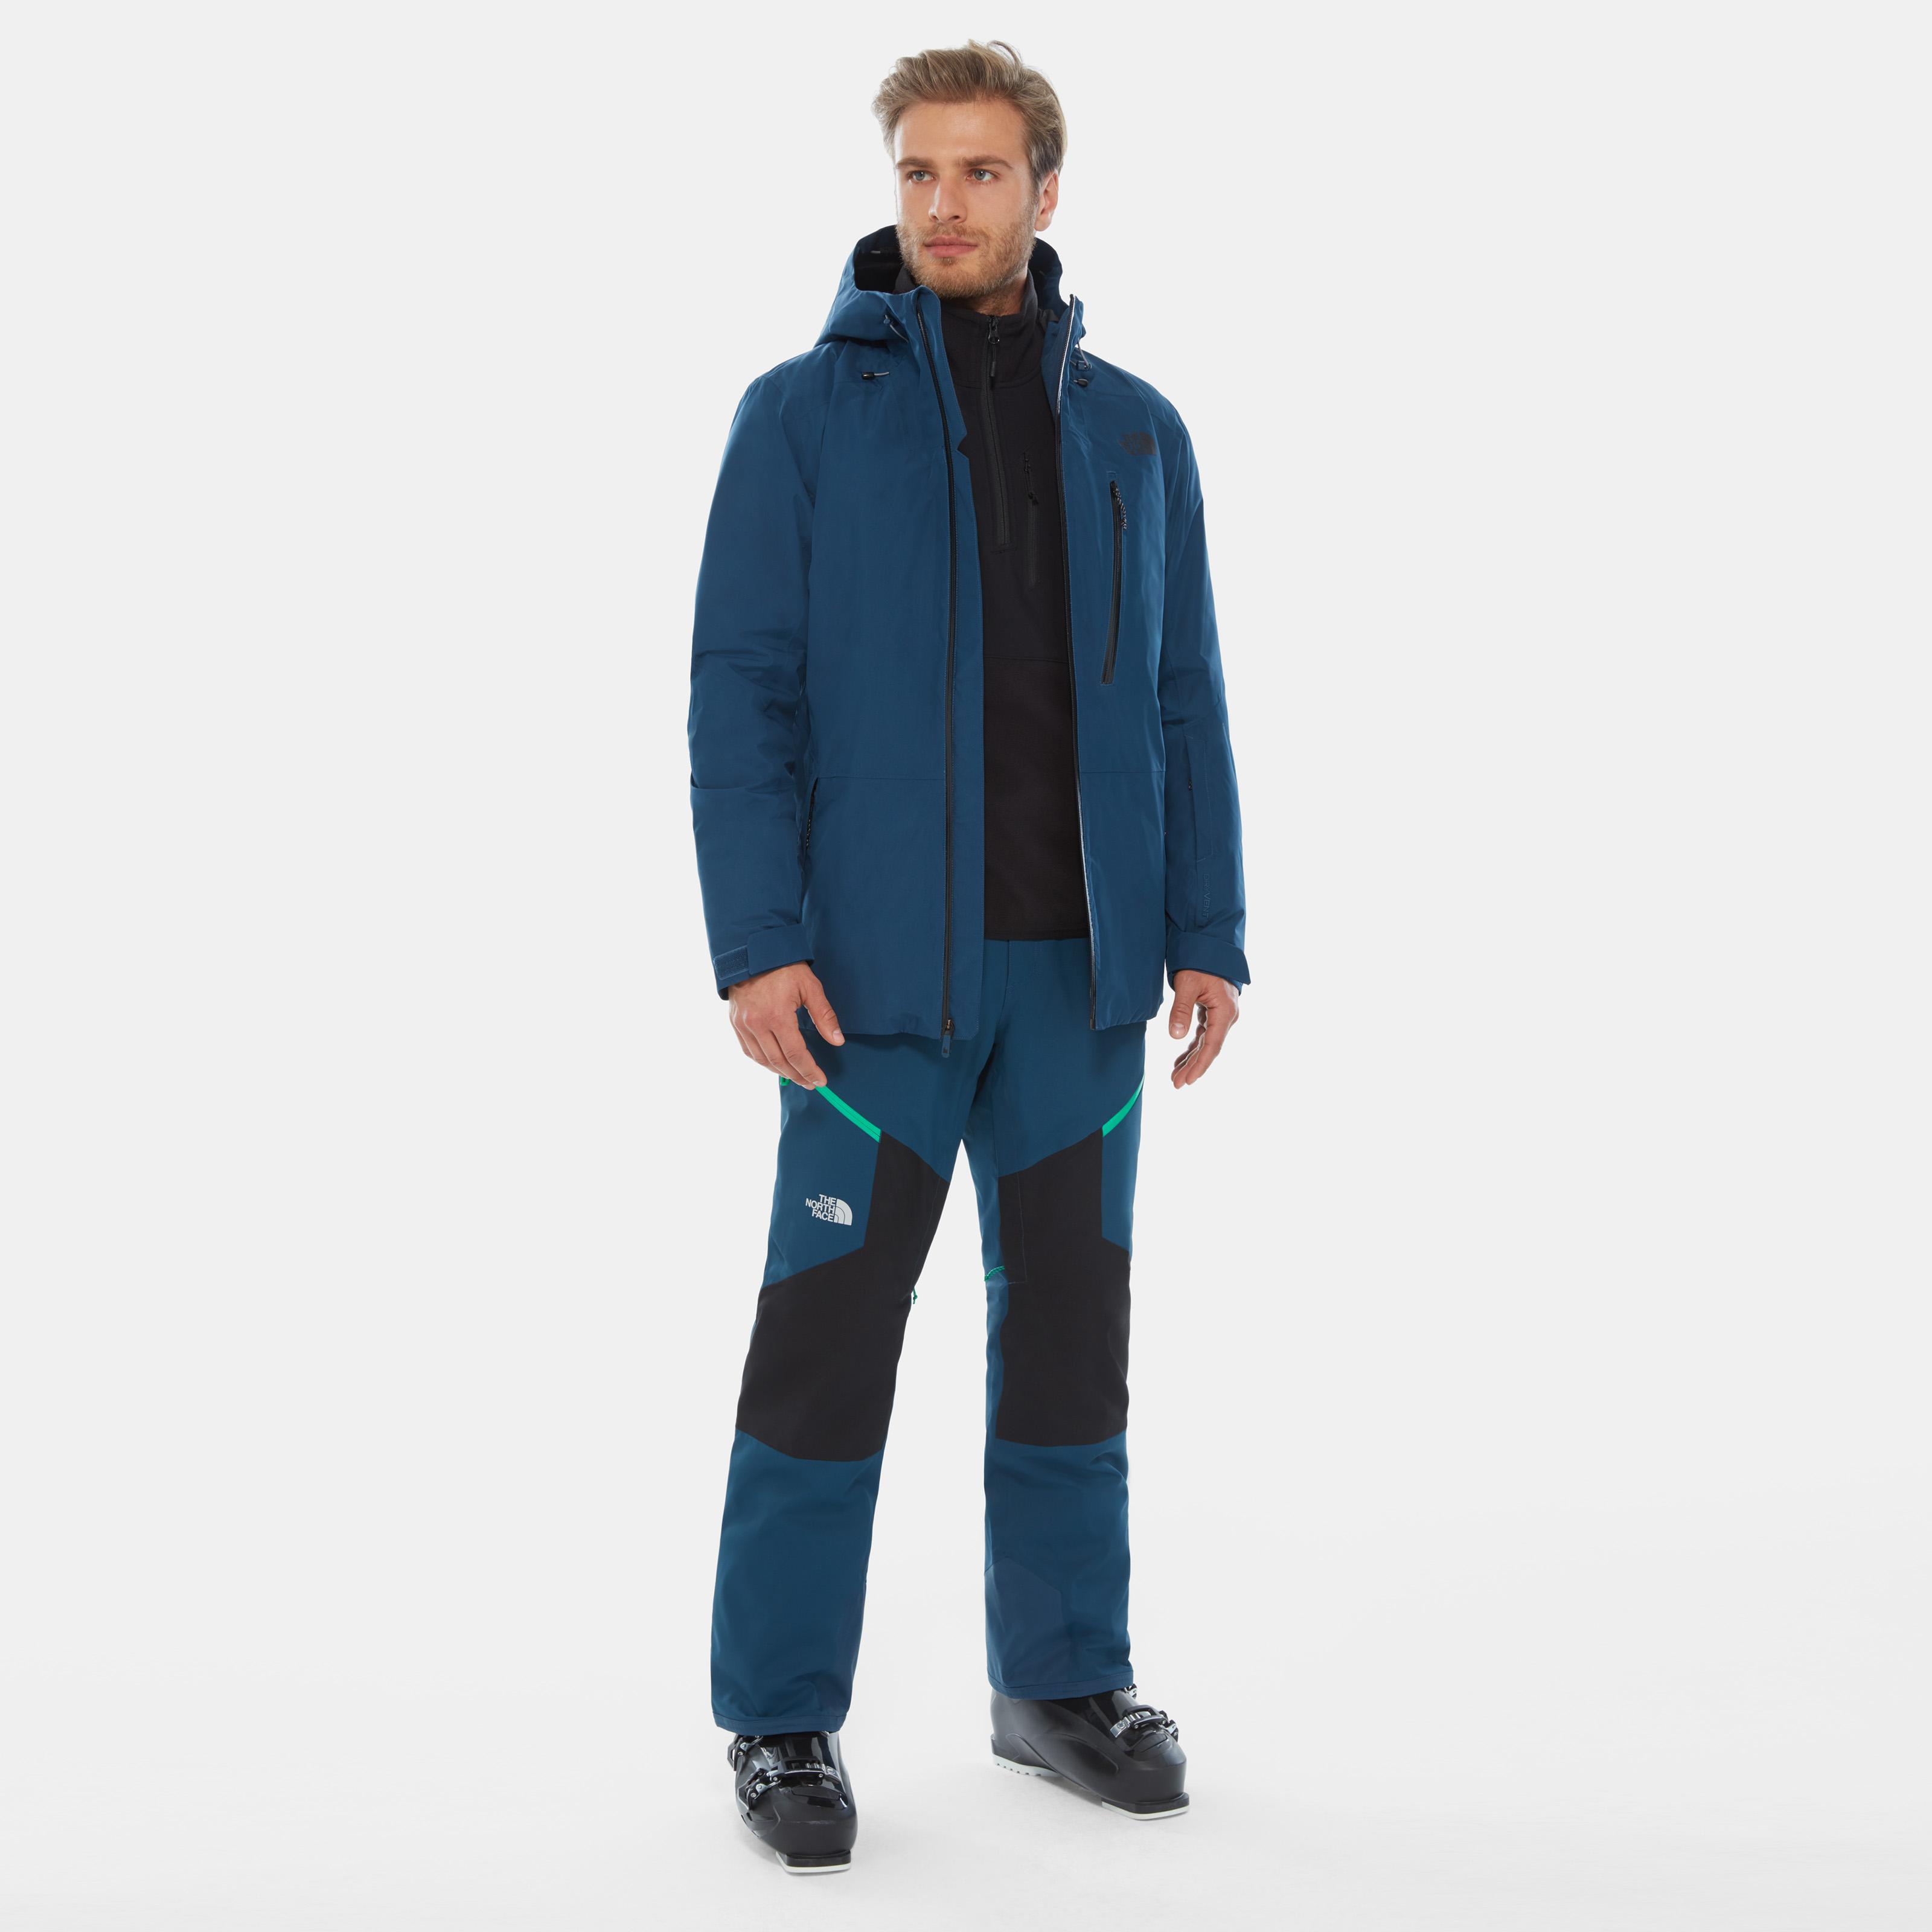 Купить со скидкой Мужская куртка Descendit